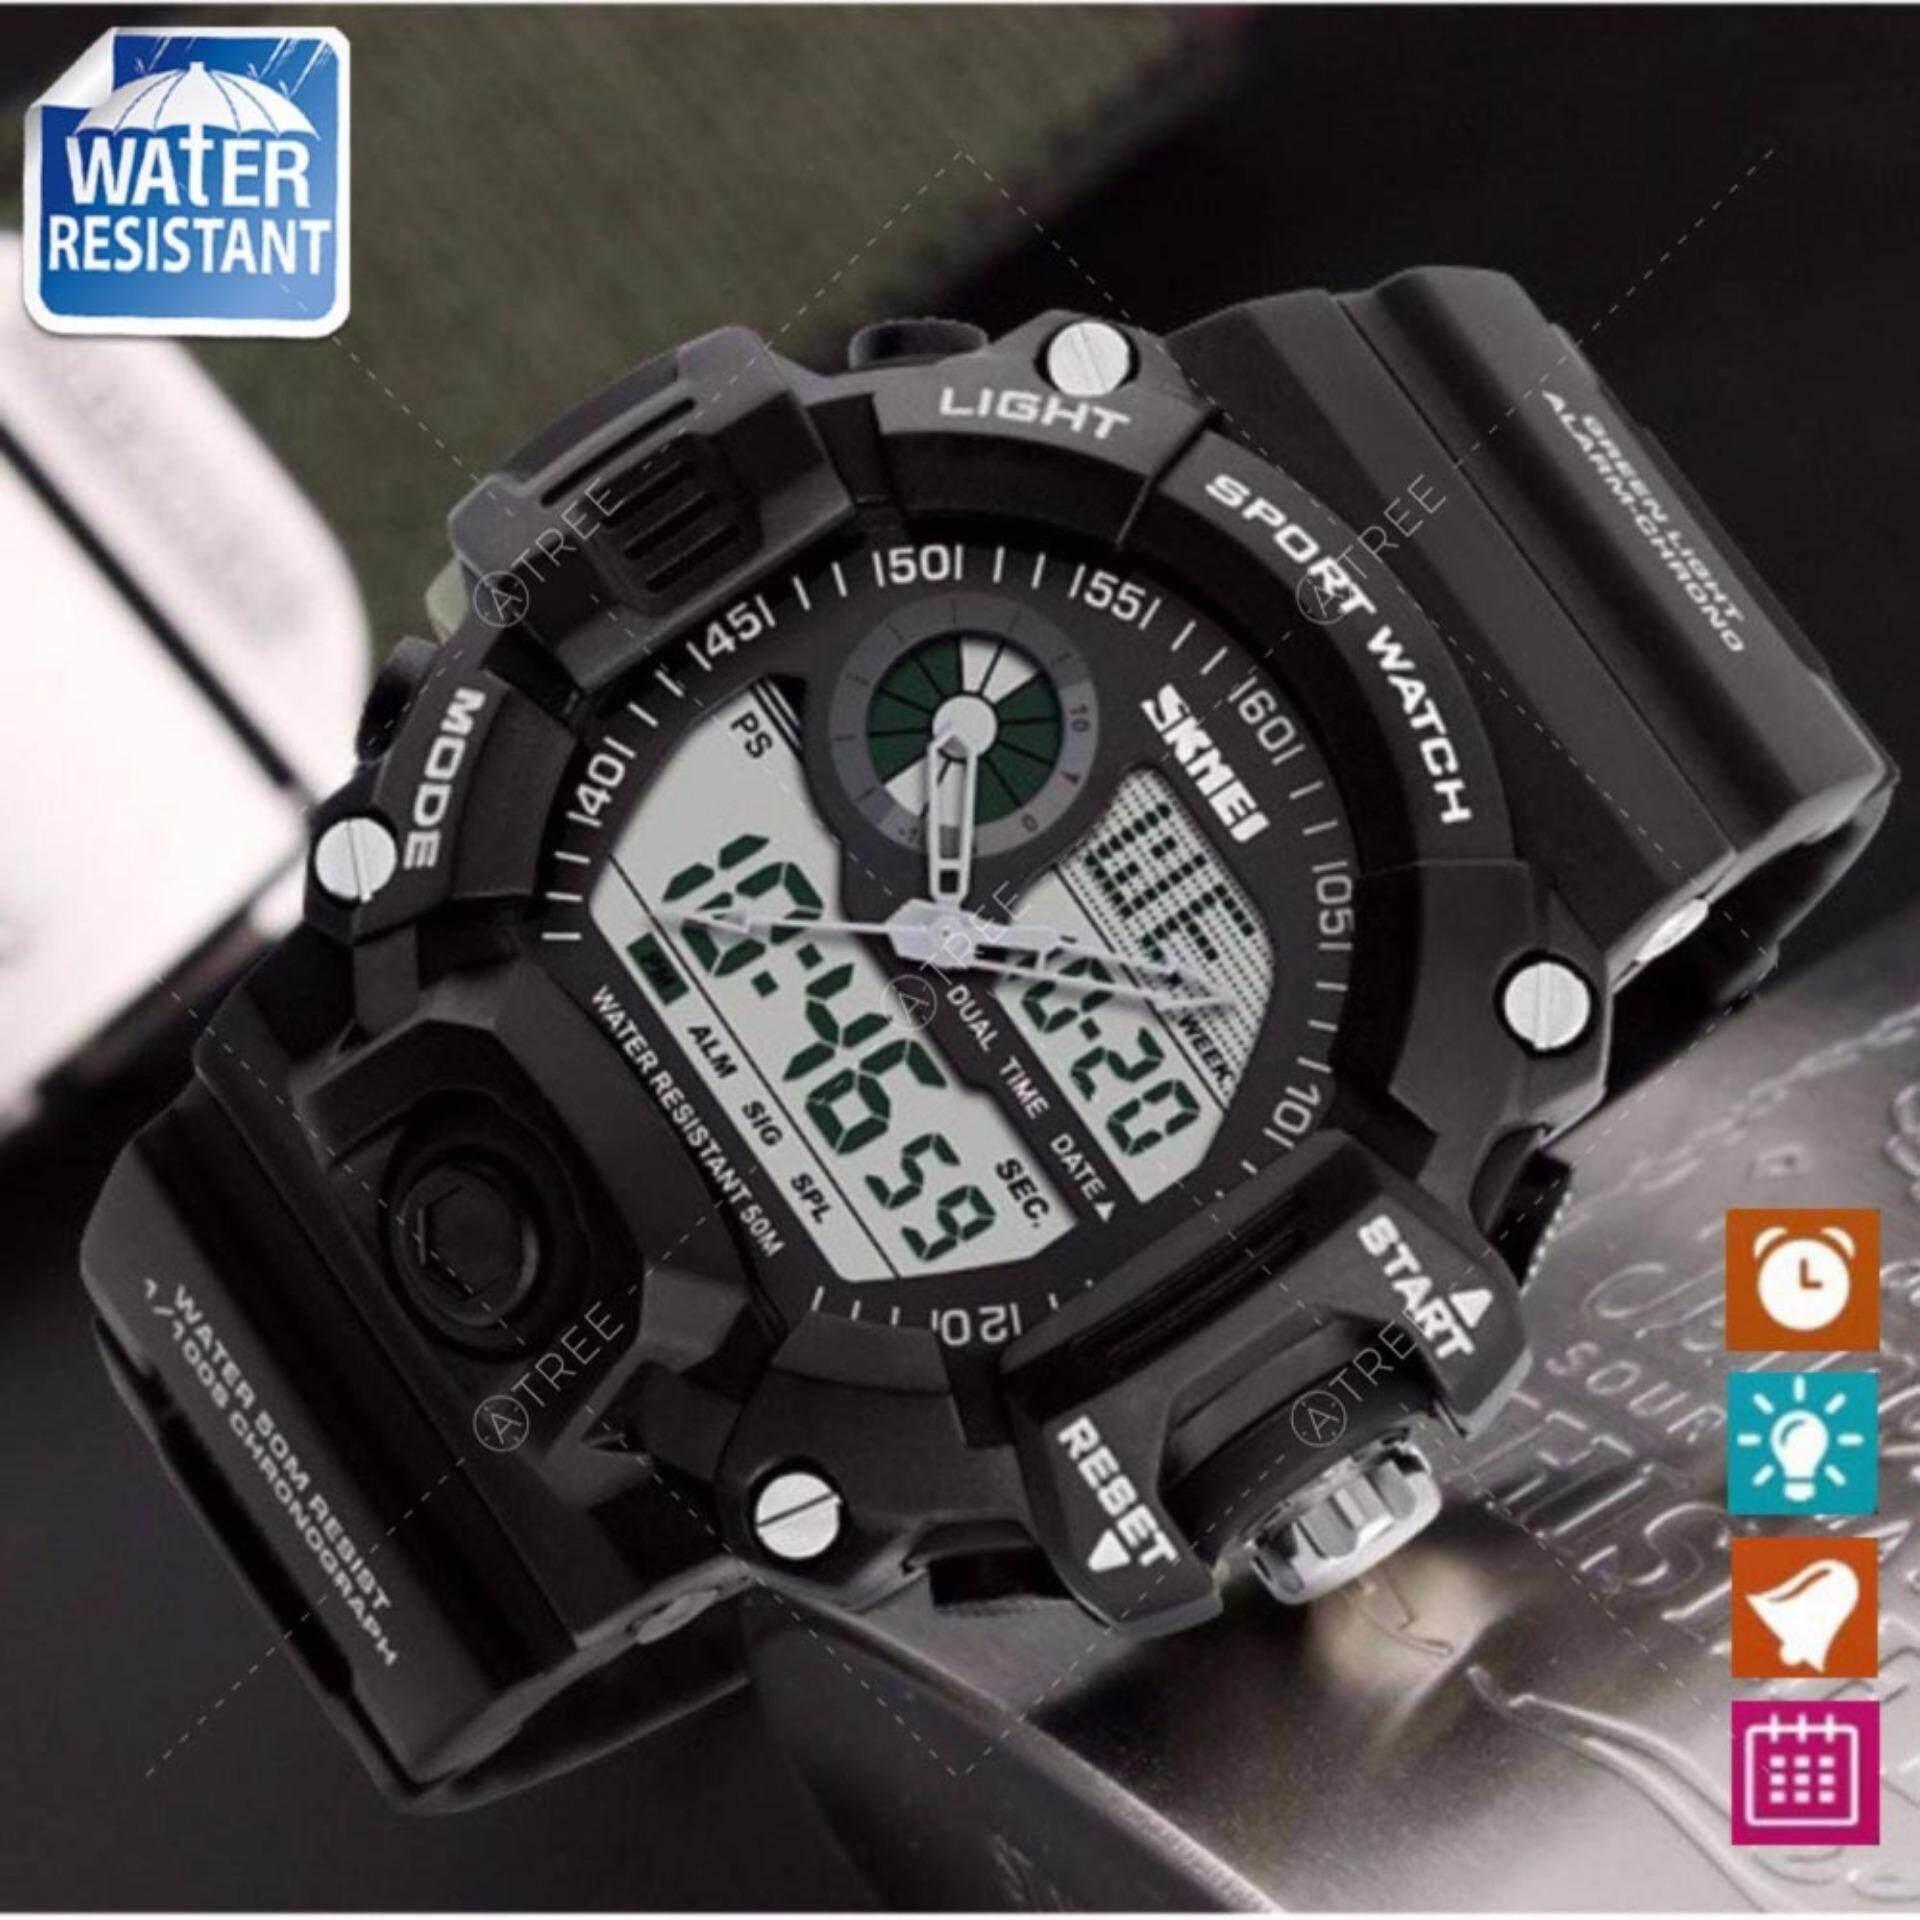 ซื้อ Skmei นาฬิกาข้อมือผู้ชาย สไตล์ Sport Digital Watch ใช้ได้ทั้ง Digital และ Analog บอกวันที่ ตั้งปลุก จับเวลา กันน้ำ สายเรซิ่นสีดำ รุ่น Sk M0009 สีขาว White ใน กรุงเทพมหานคร